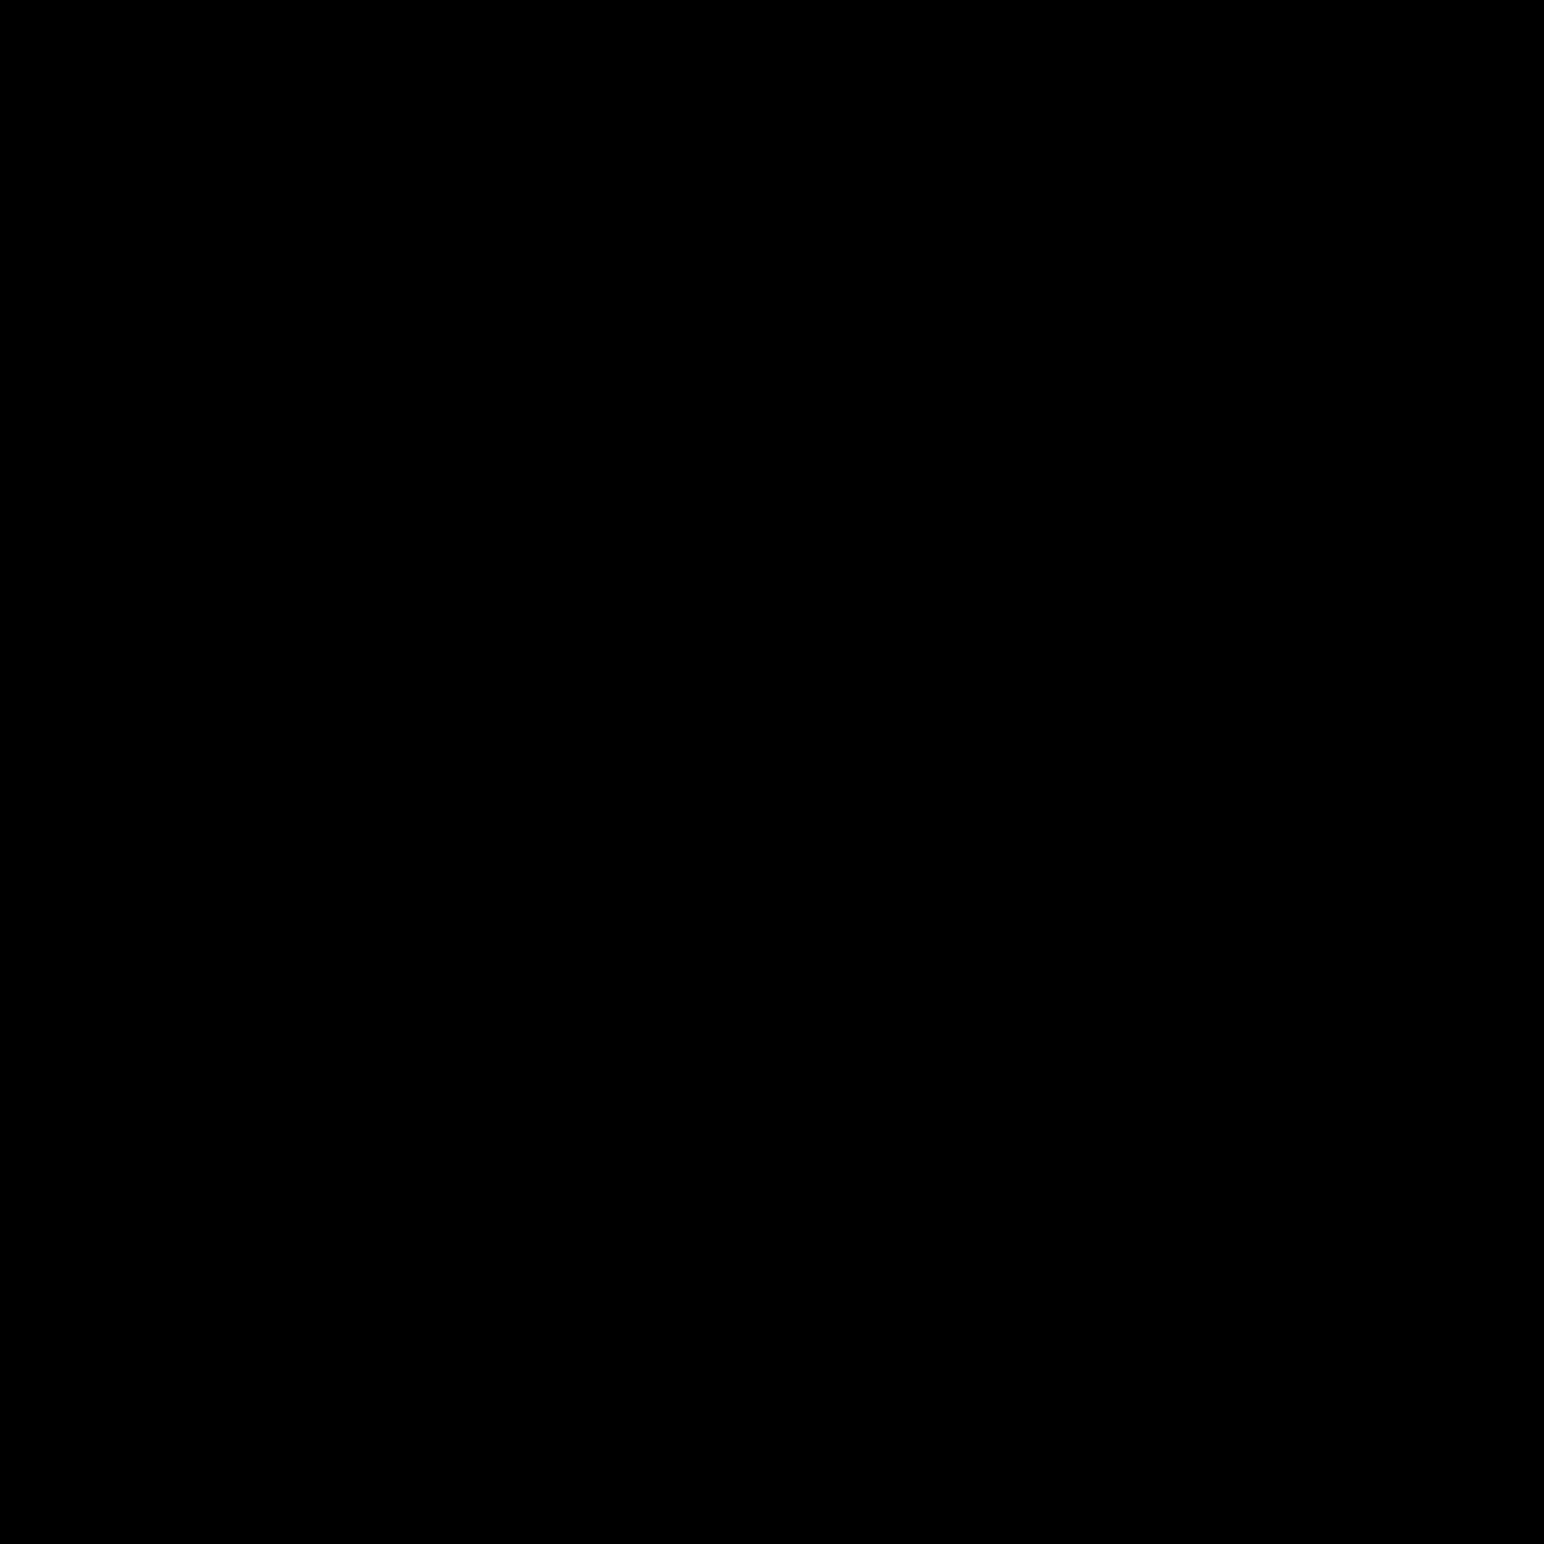 Wieczko okrągłe transparentne Ø64